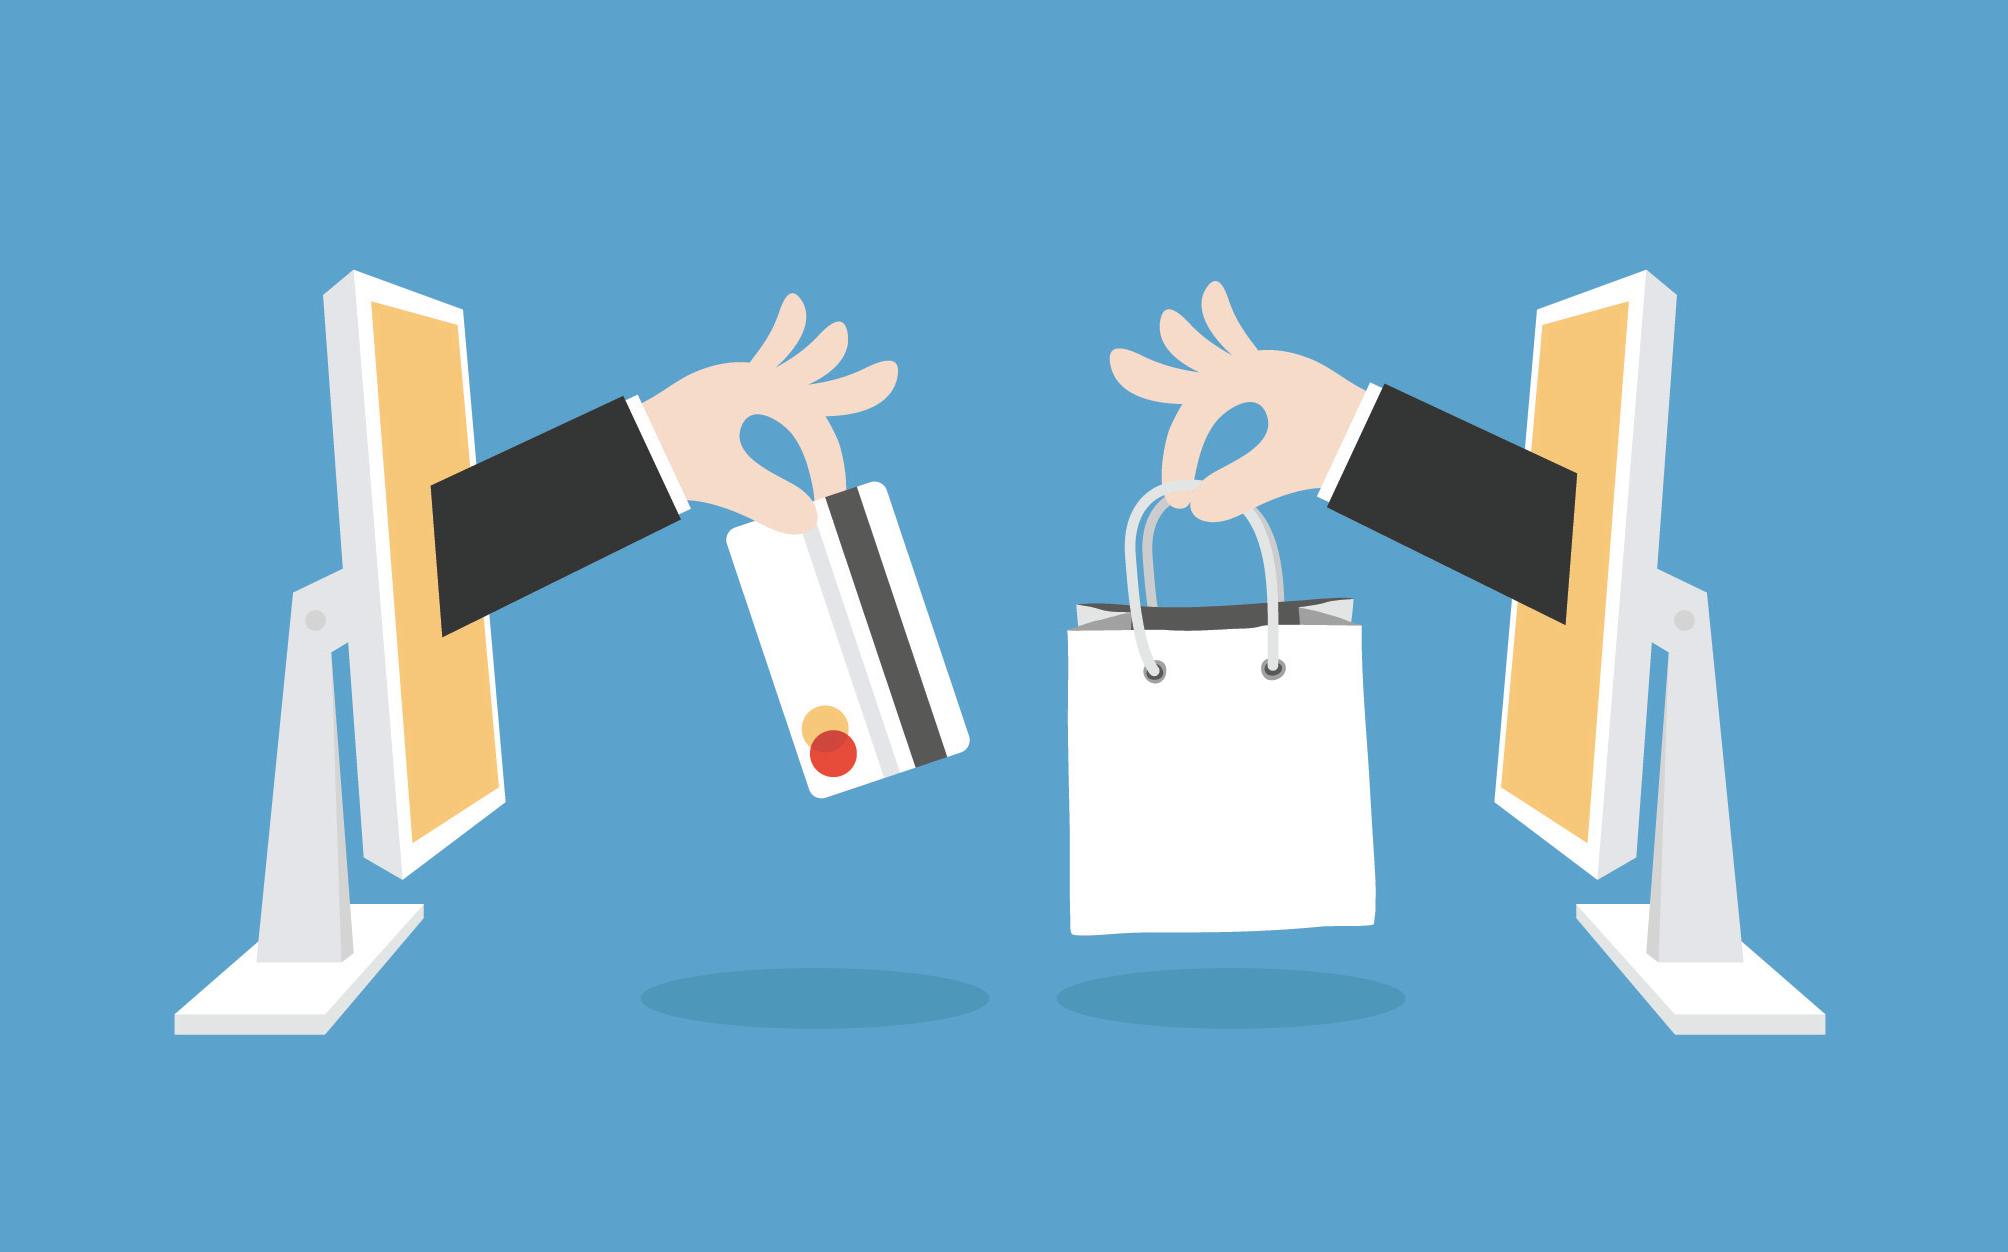 Perché un negozio fisico dovrebbe sviluppare un ecommerce?